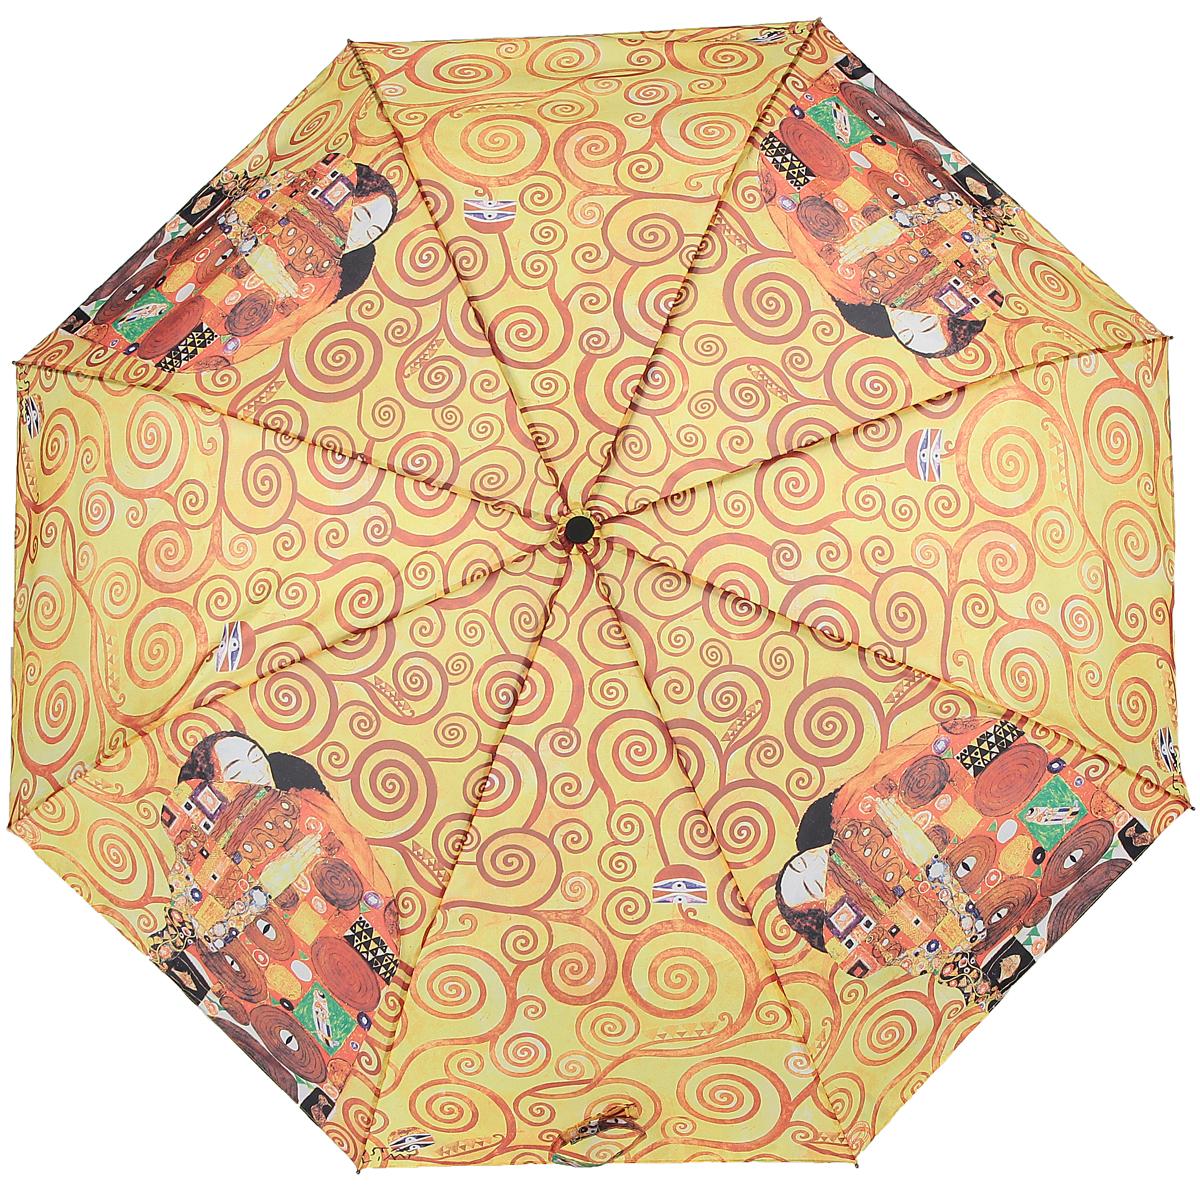 Зонт Объятия, автомат, 3 сложения. 1038-251038-25Стильный автоматический зонт Объятия поднимет настроение в ненастную погоду. Каркас зонта состоит из стержня и 8 спиц, выполненных из металла. Удобная рукоятка из прорезиненного пластика оснащена текстильным шнурком. Купол зонта, изготовленный из полиэстера с водоотталкивающей пропиткой, оформлен красочным изображением по мотивам картины Густава Климта Объятия. Зонт имеет полный автоматический механизм сложения: купол открывается и закрывается нажатием кнопки на рукоятке, стержень складывается вручную до характерного щелчка. Такой зонт не только надежно защитит вас от дождя, но и станет стильным аксессуаром, который выделит вас из толпы. К зонту прилагается чехол. Длина стержня (в раскрытом виде): 53 см.